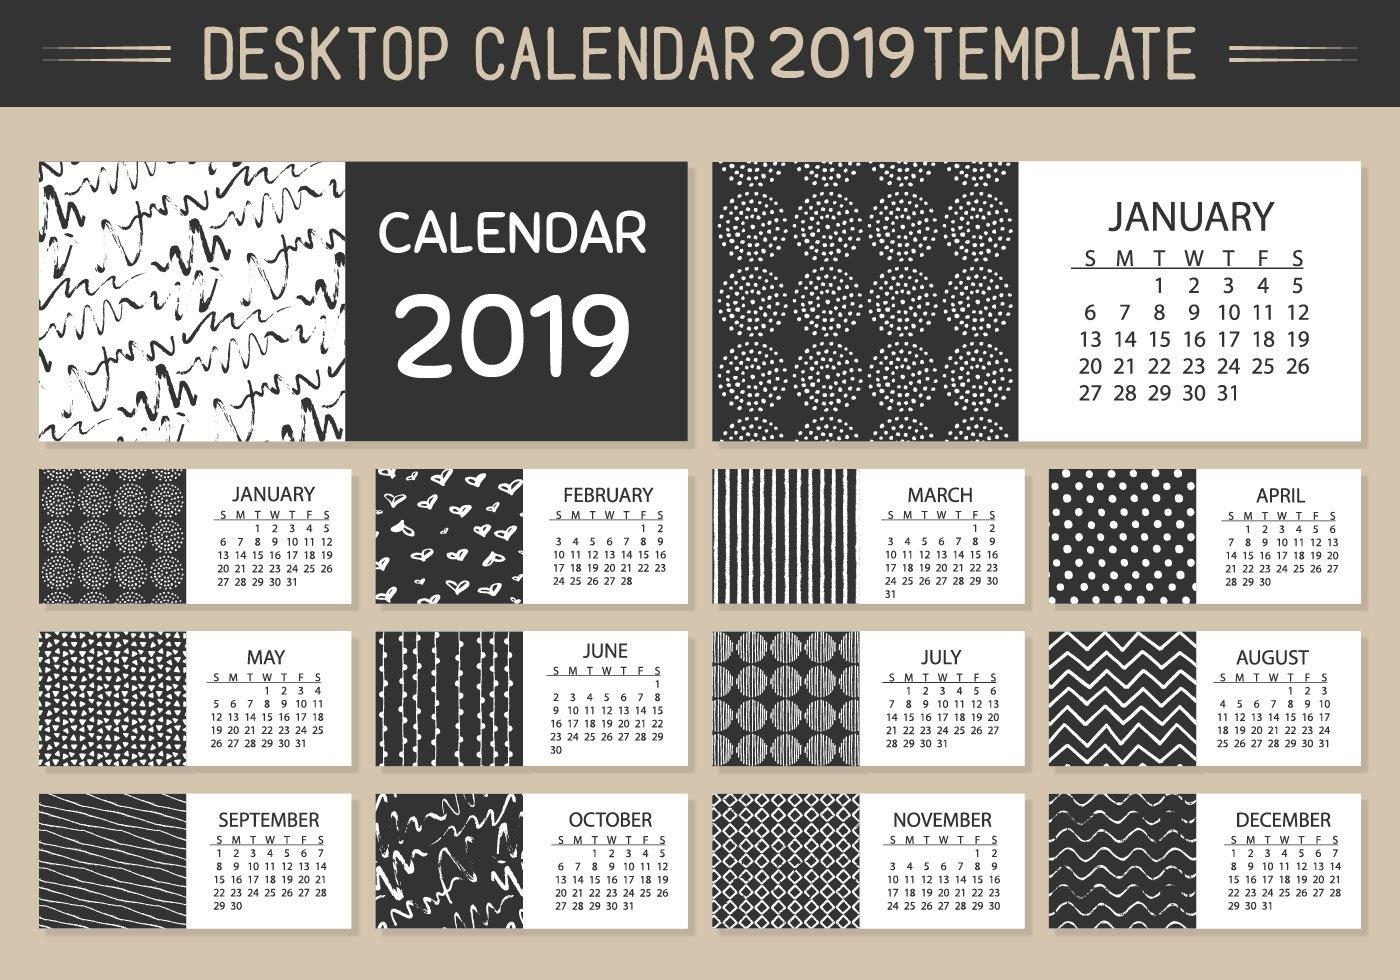 Monthly Desktop Calendar 2019 Vector Template - Download Free Vector Calendar 2019 Desktop